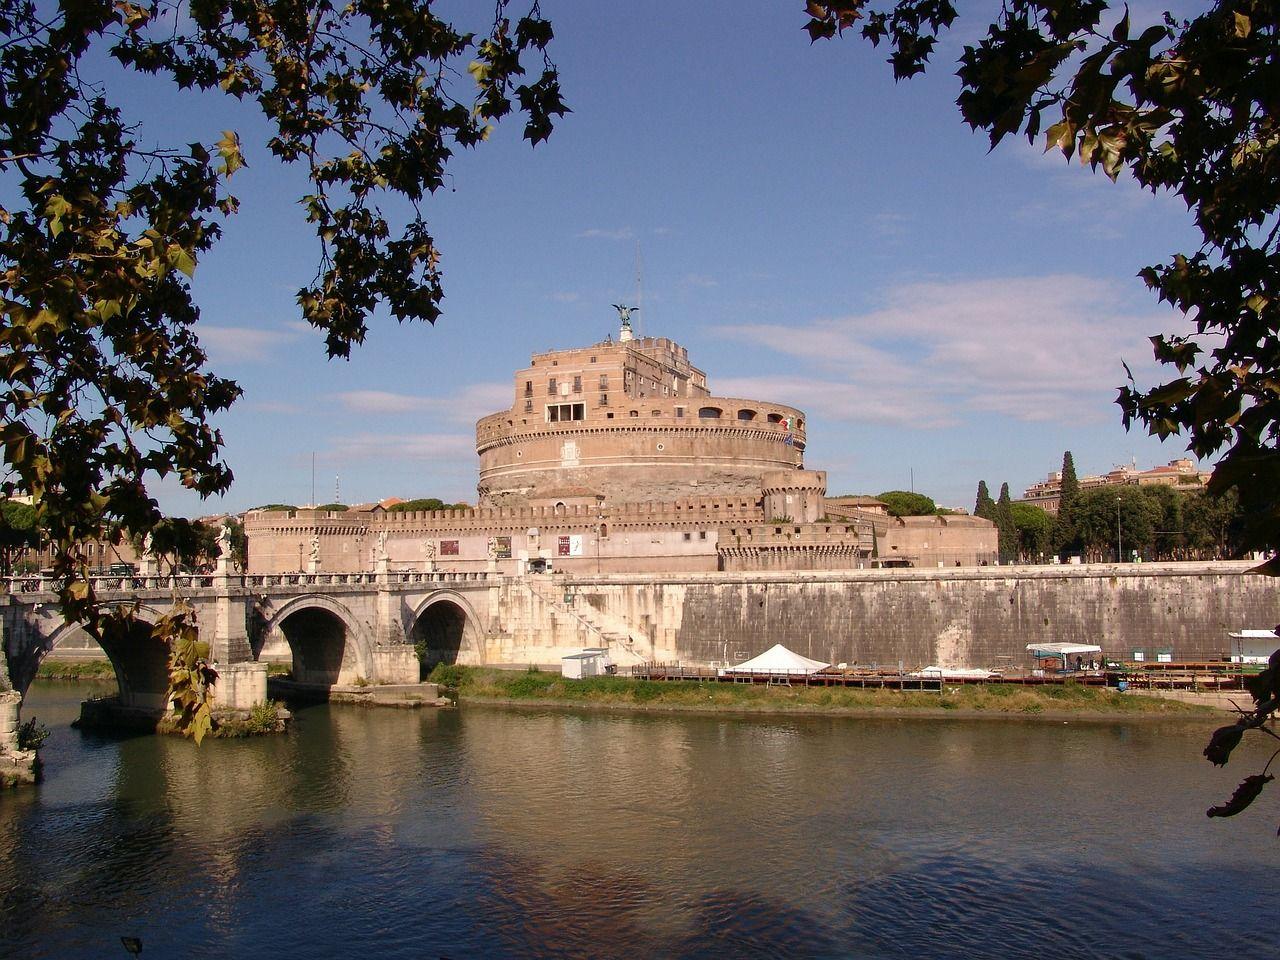 Italy, Castel Sant'Angelo, Rome, Italy italy, castelsant